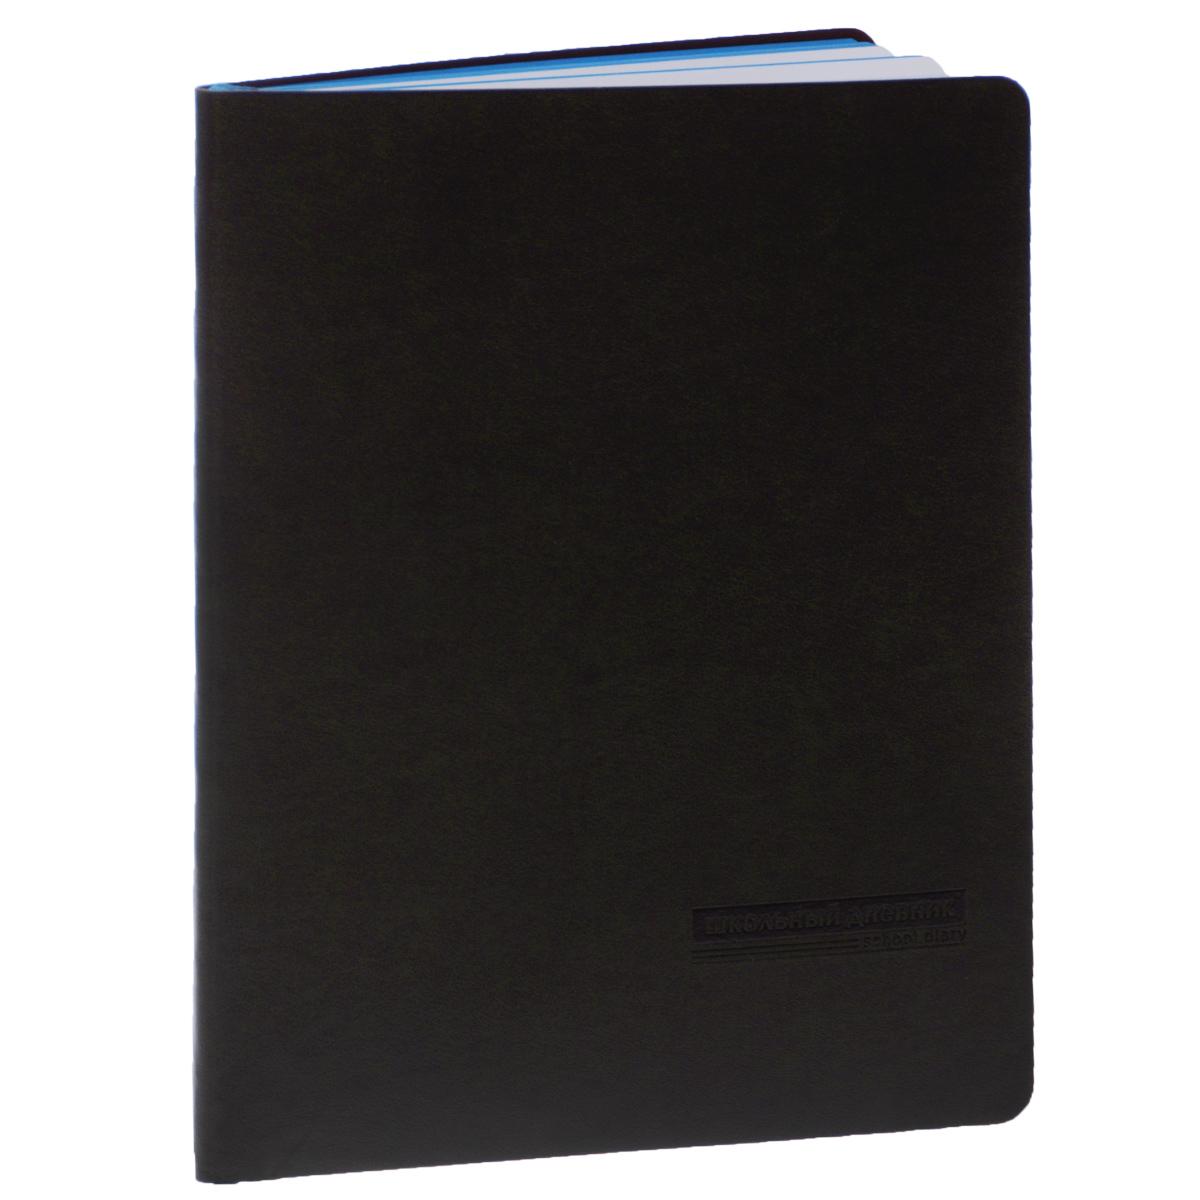 Дневник школьный Альт Mercury, 96 листов, формат А5, цвет: серый10-069/07Линия дневников Mercury - это продукция наивысшего качества, оформленная в стиле ежедневников. Тонированный в голубой цвет обрез и такое же двойное ляссе. На закладке закреплен шильдик из серебристого металла. Страницы в блоке на сшивке. Листы сделаны из высококачественного офсета повышенной плотности. В структуру дневника входят все необходимые разделы: информация о школе и педагогах, расписание занятий и факультативов по четвертям. Рекомендуемый возраст: 6+.